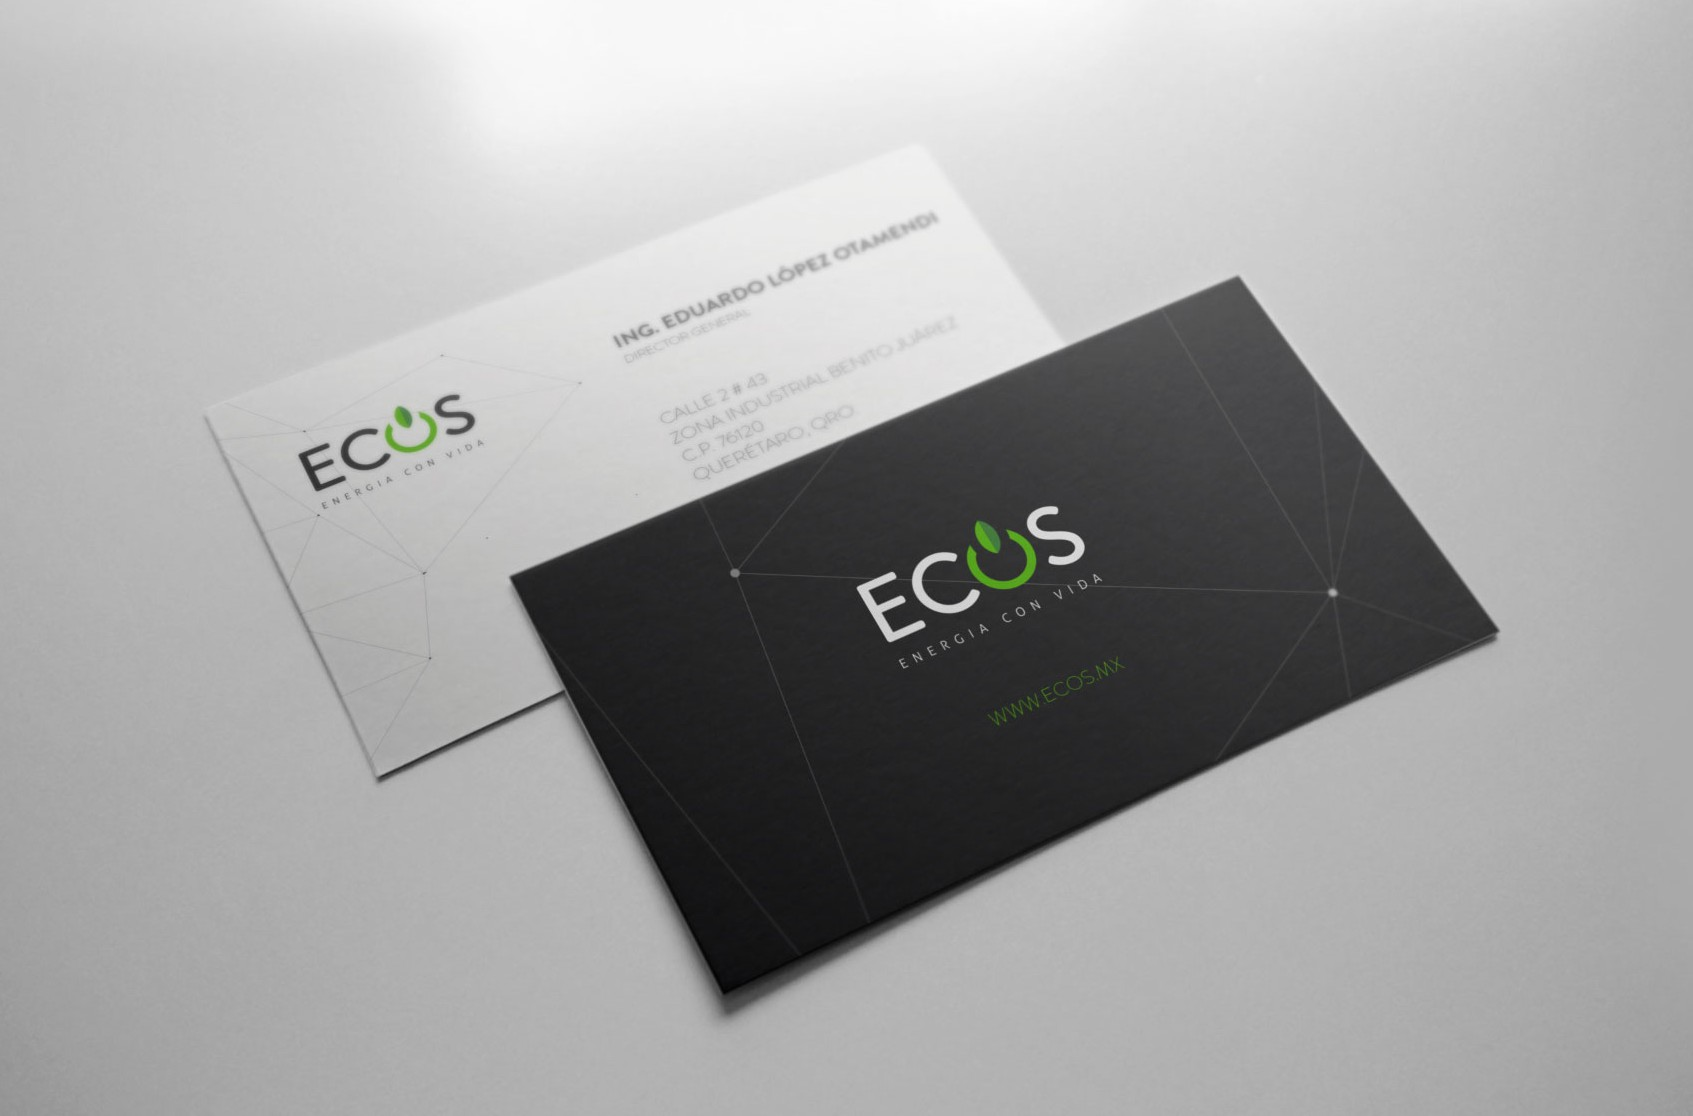 tarjetas-de-presentación-identidad-corporativa-ecos